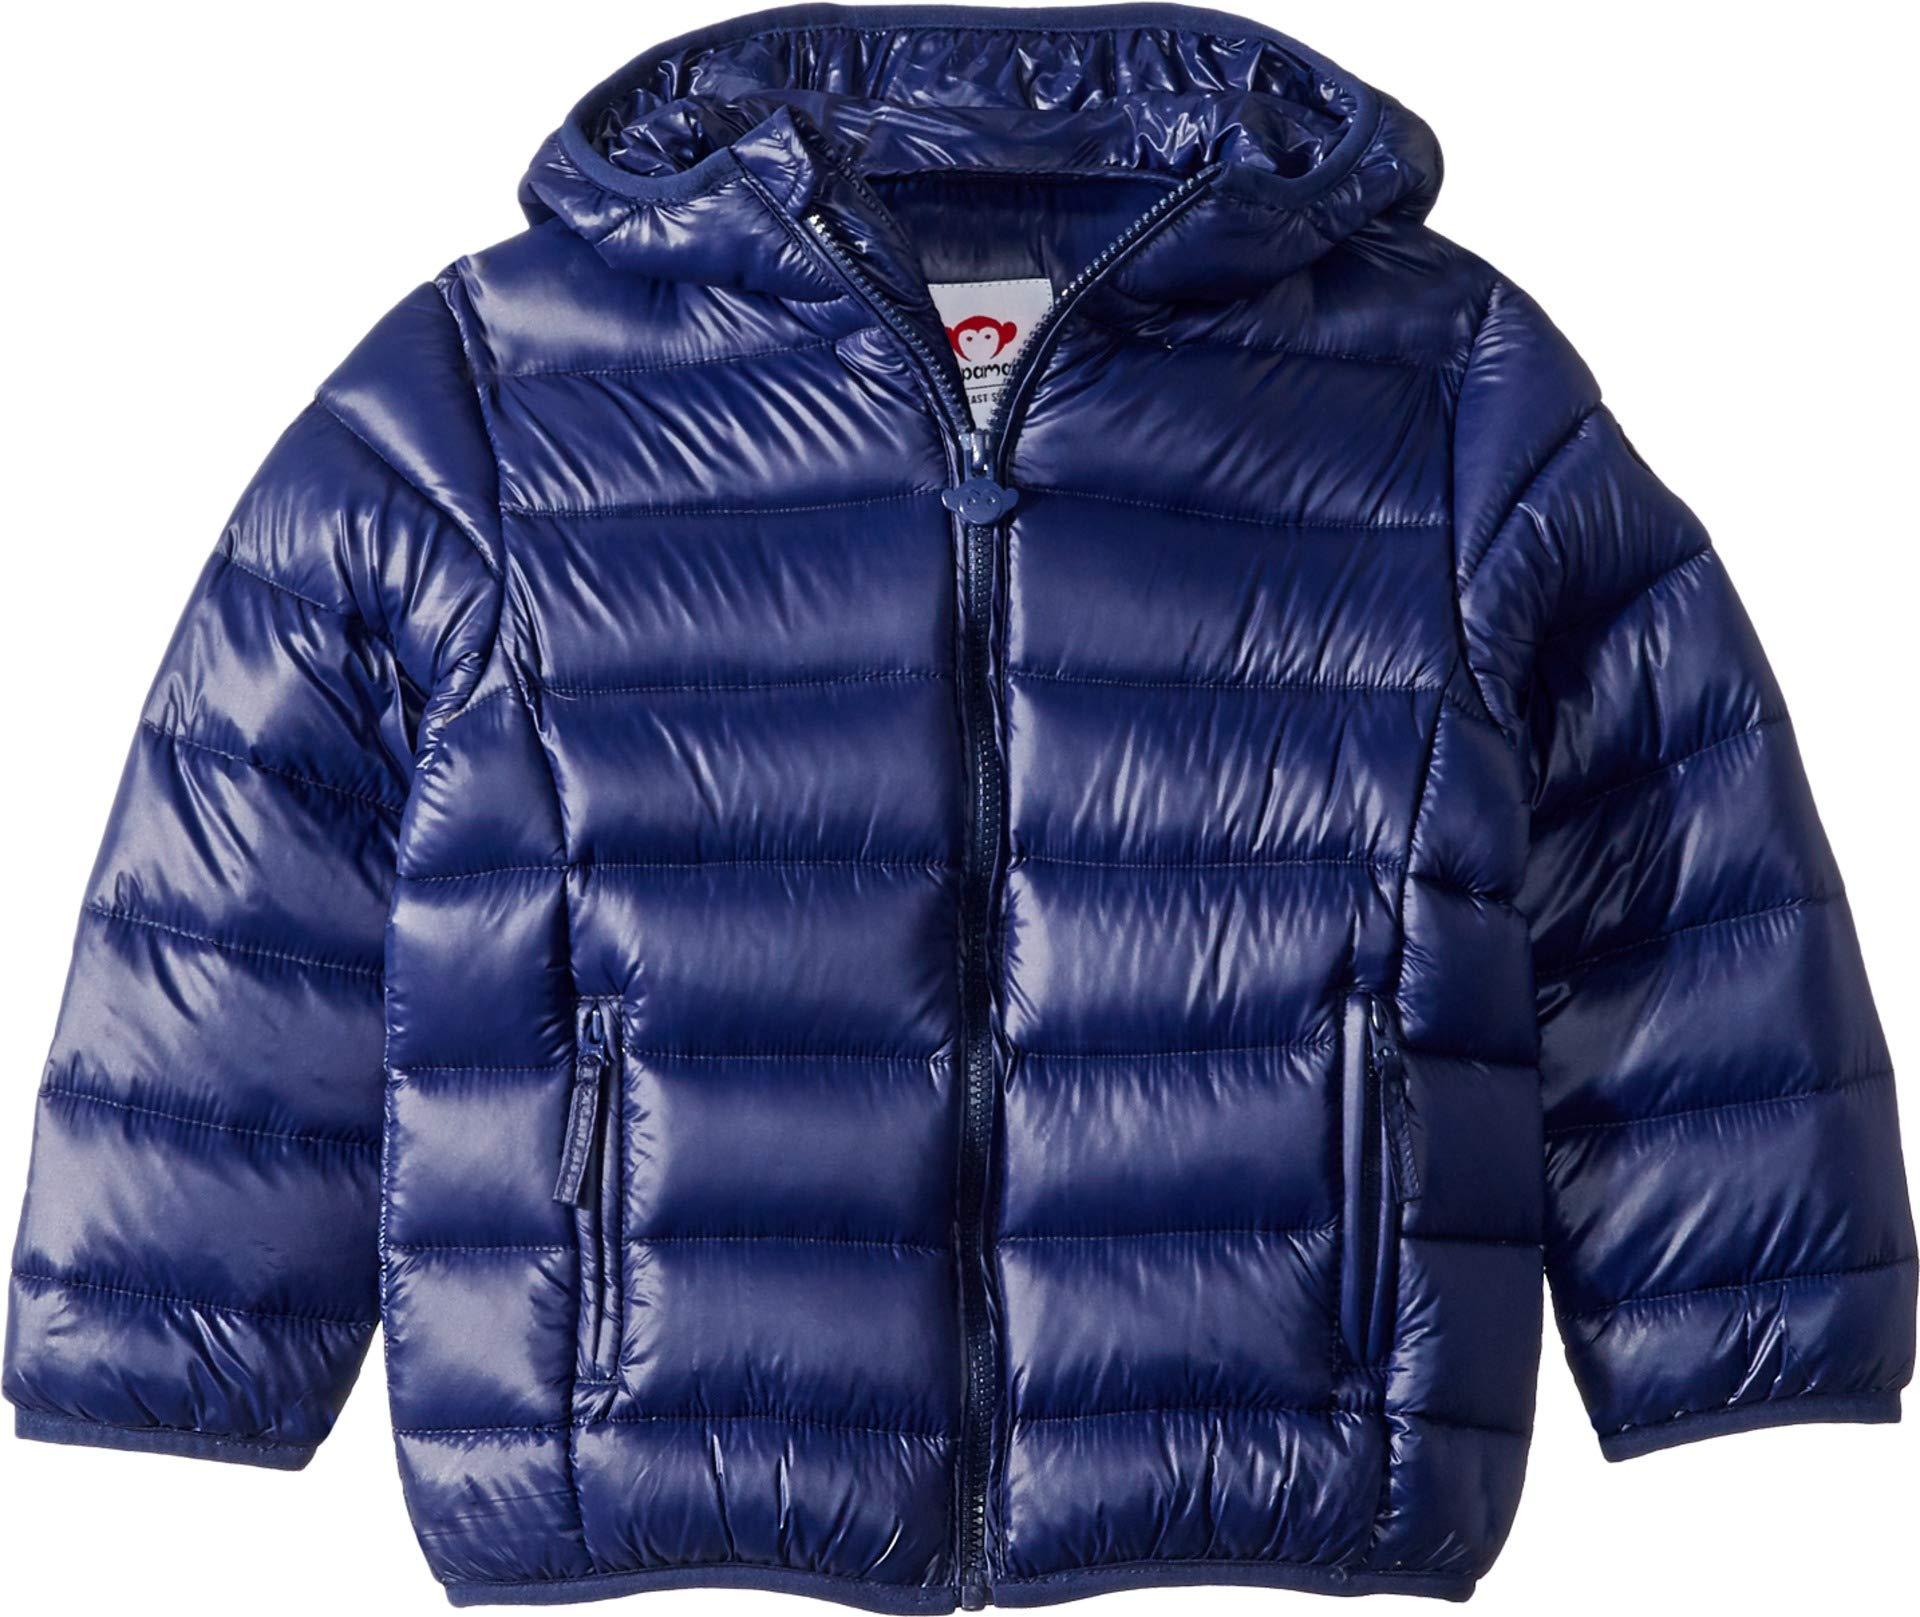 Appaman Kids Baby Boy's Extra Lightweight Packable Down Puffer Jacket (Toddler/Little Kids/Big Kids) Navy Blue 8